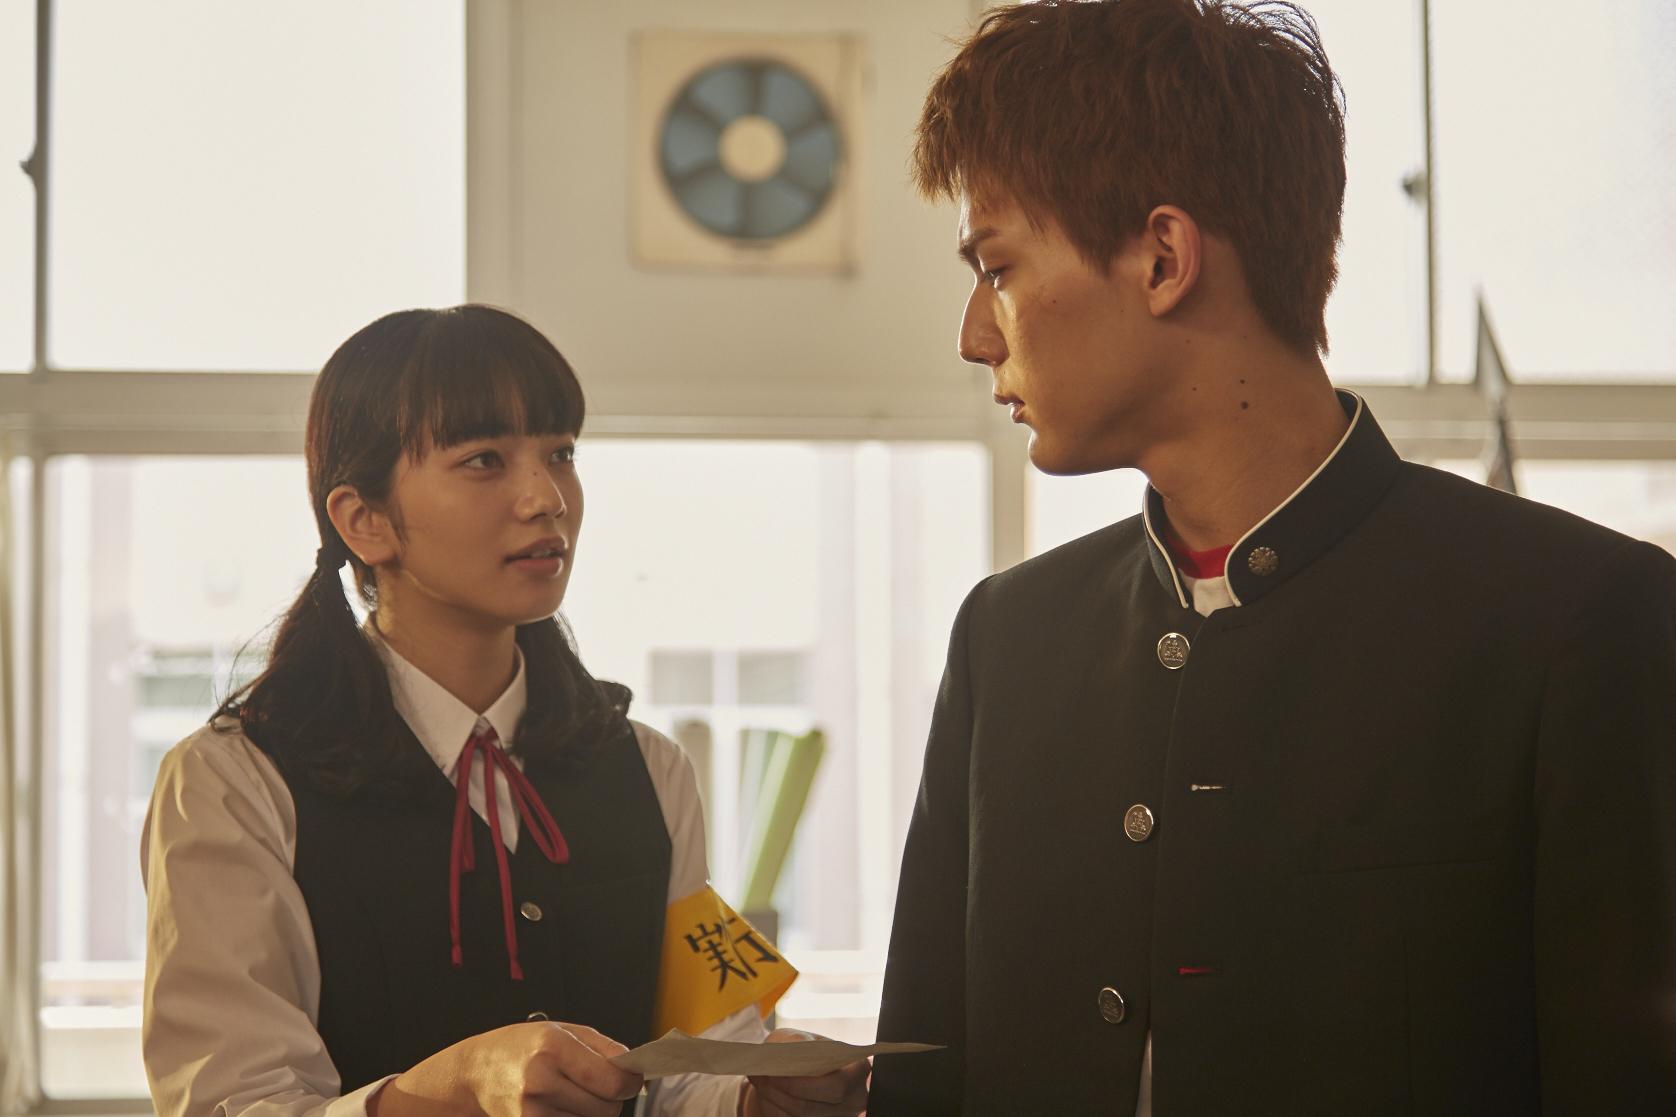 """知念侑李、主演映画『坂道のアポロン』に込めた想い、自身の""""青春""""であるジャニーズ愛を語る"""